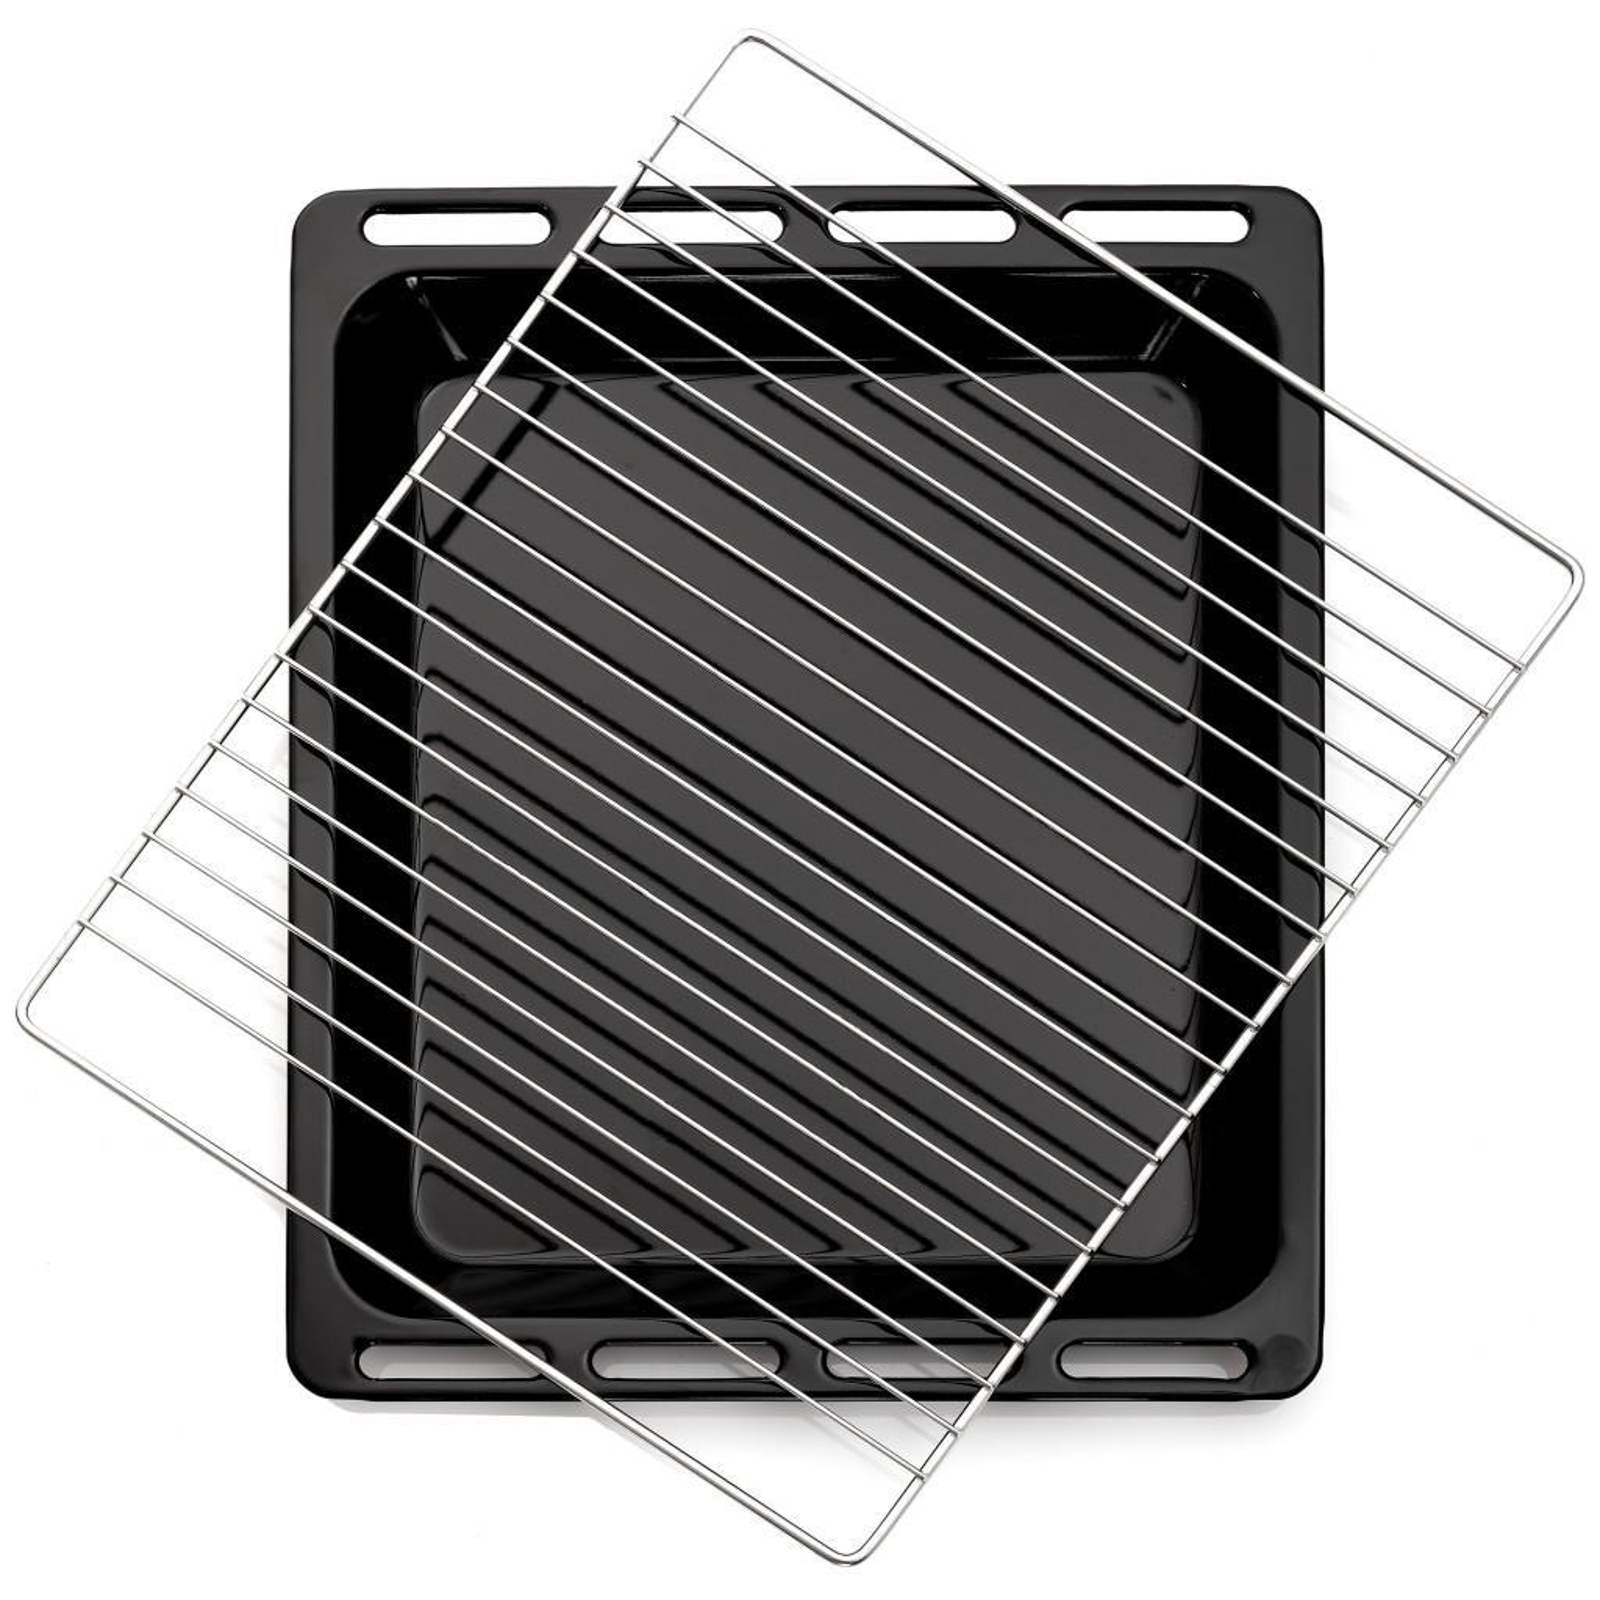 Духовой шкаф ELEYUS ESTER 6006 BL изображение 11